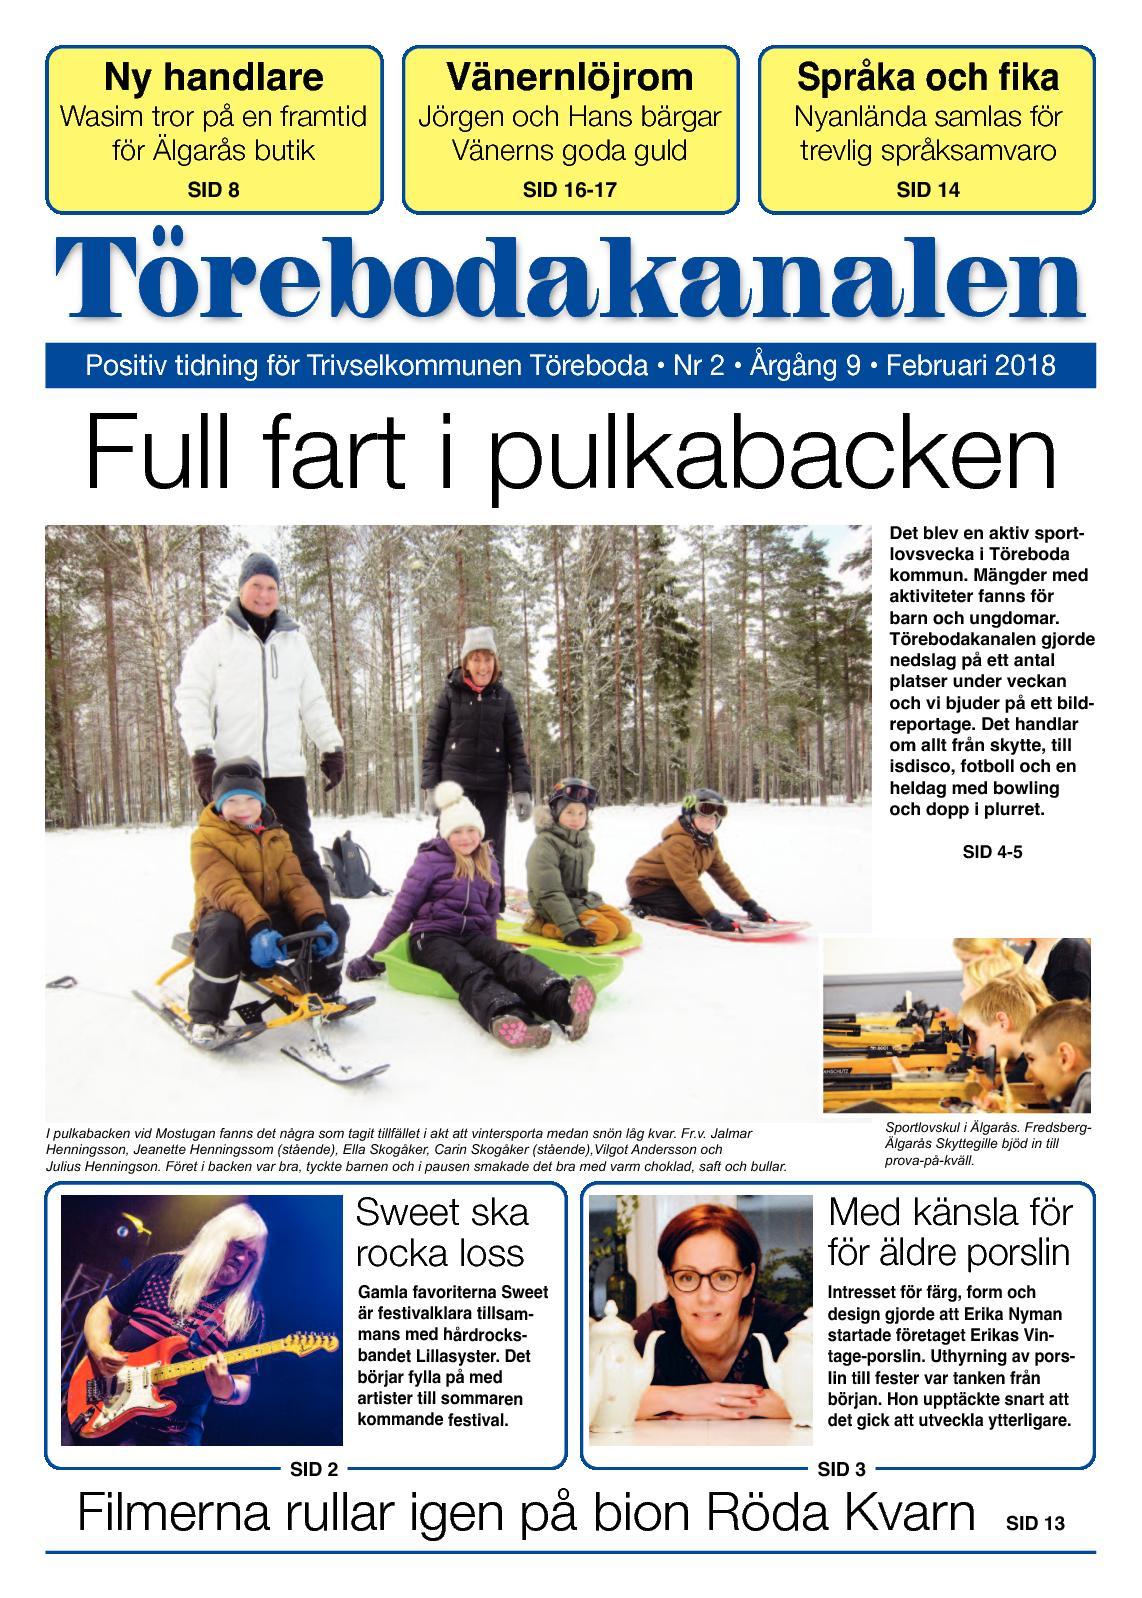 Anders Persson, 40 r i Hova p Hova-Midskog 7 - telefon